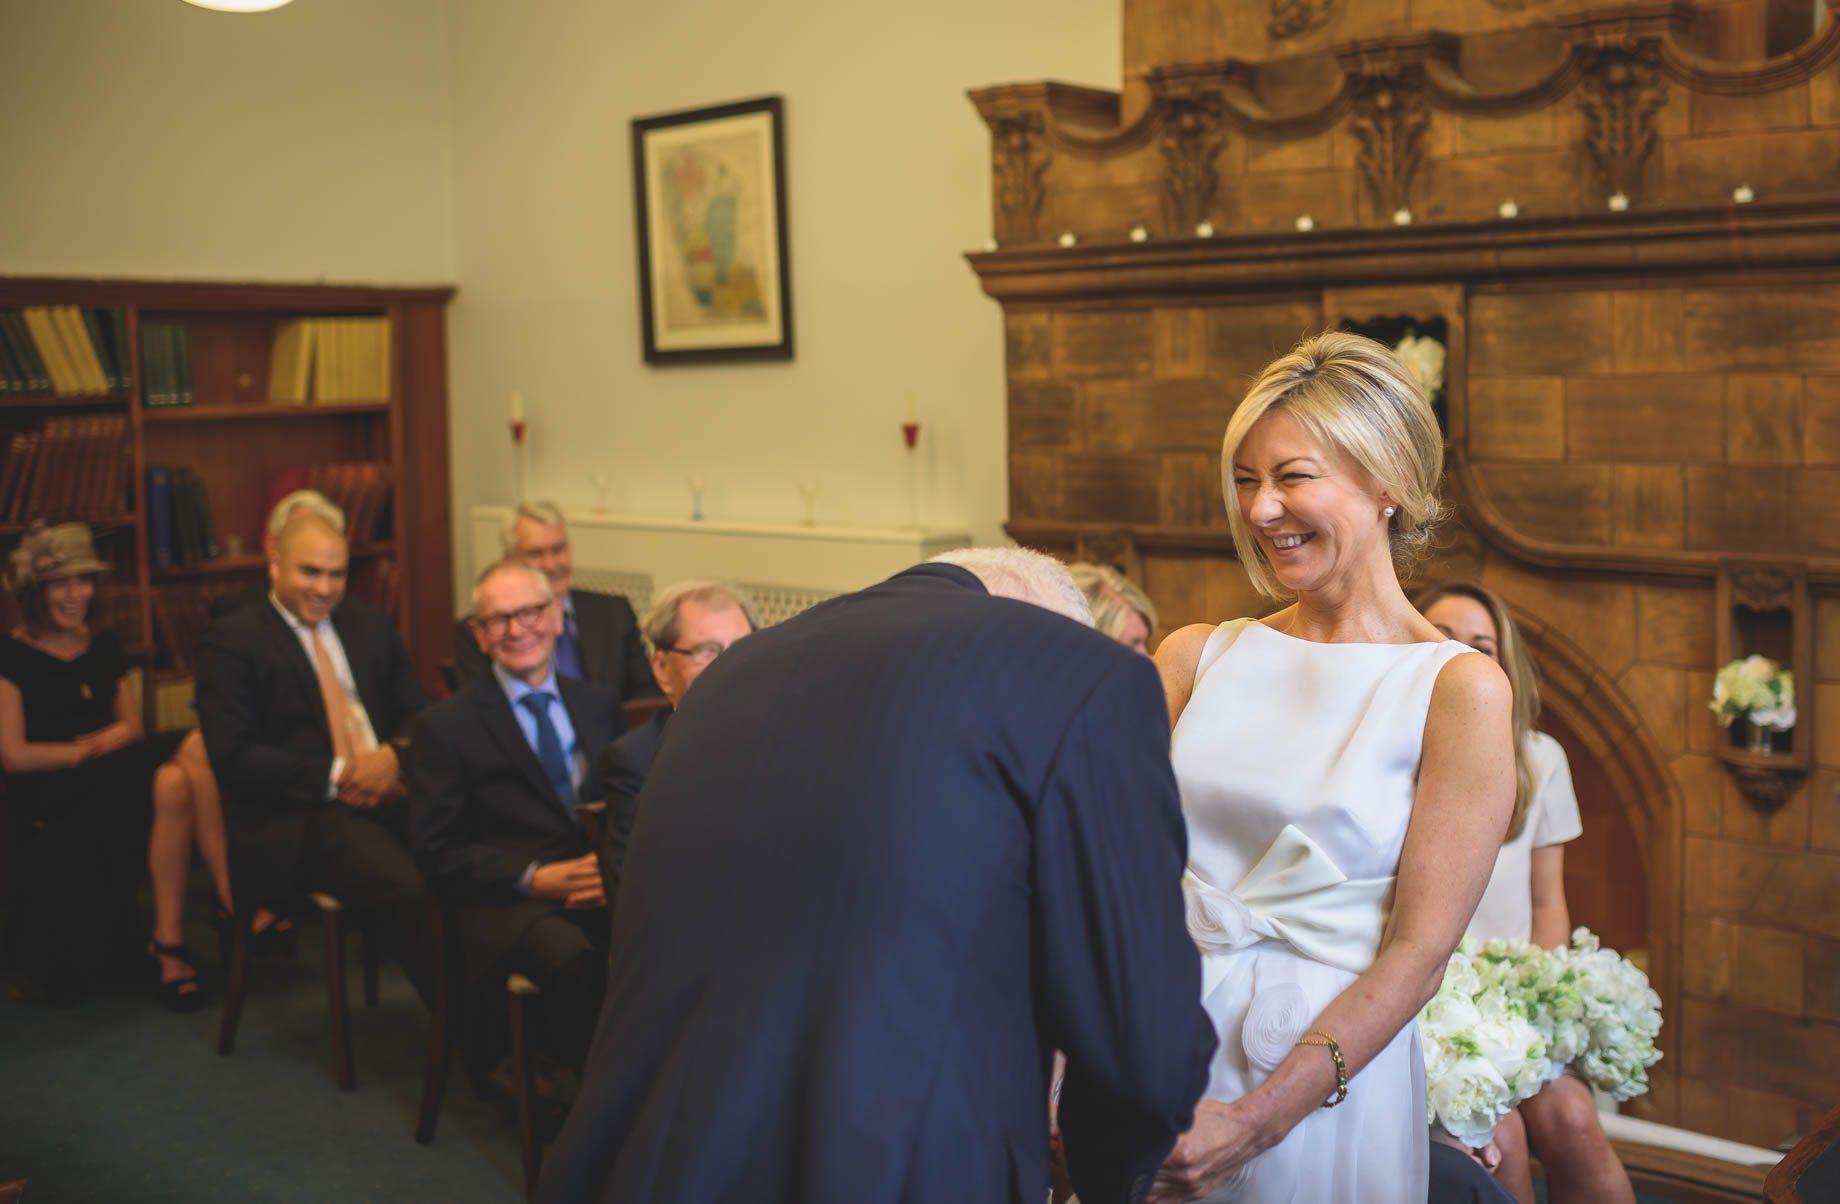 Mayfair-wedding-photography-Allison-and-Eugene-41-of-94